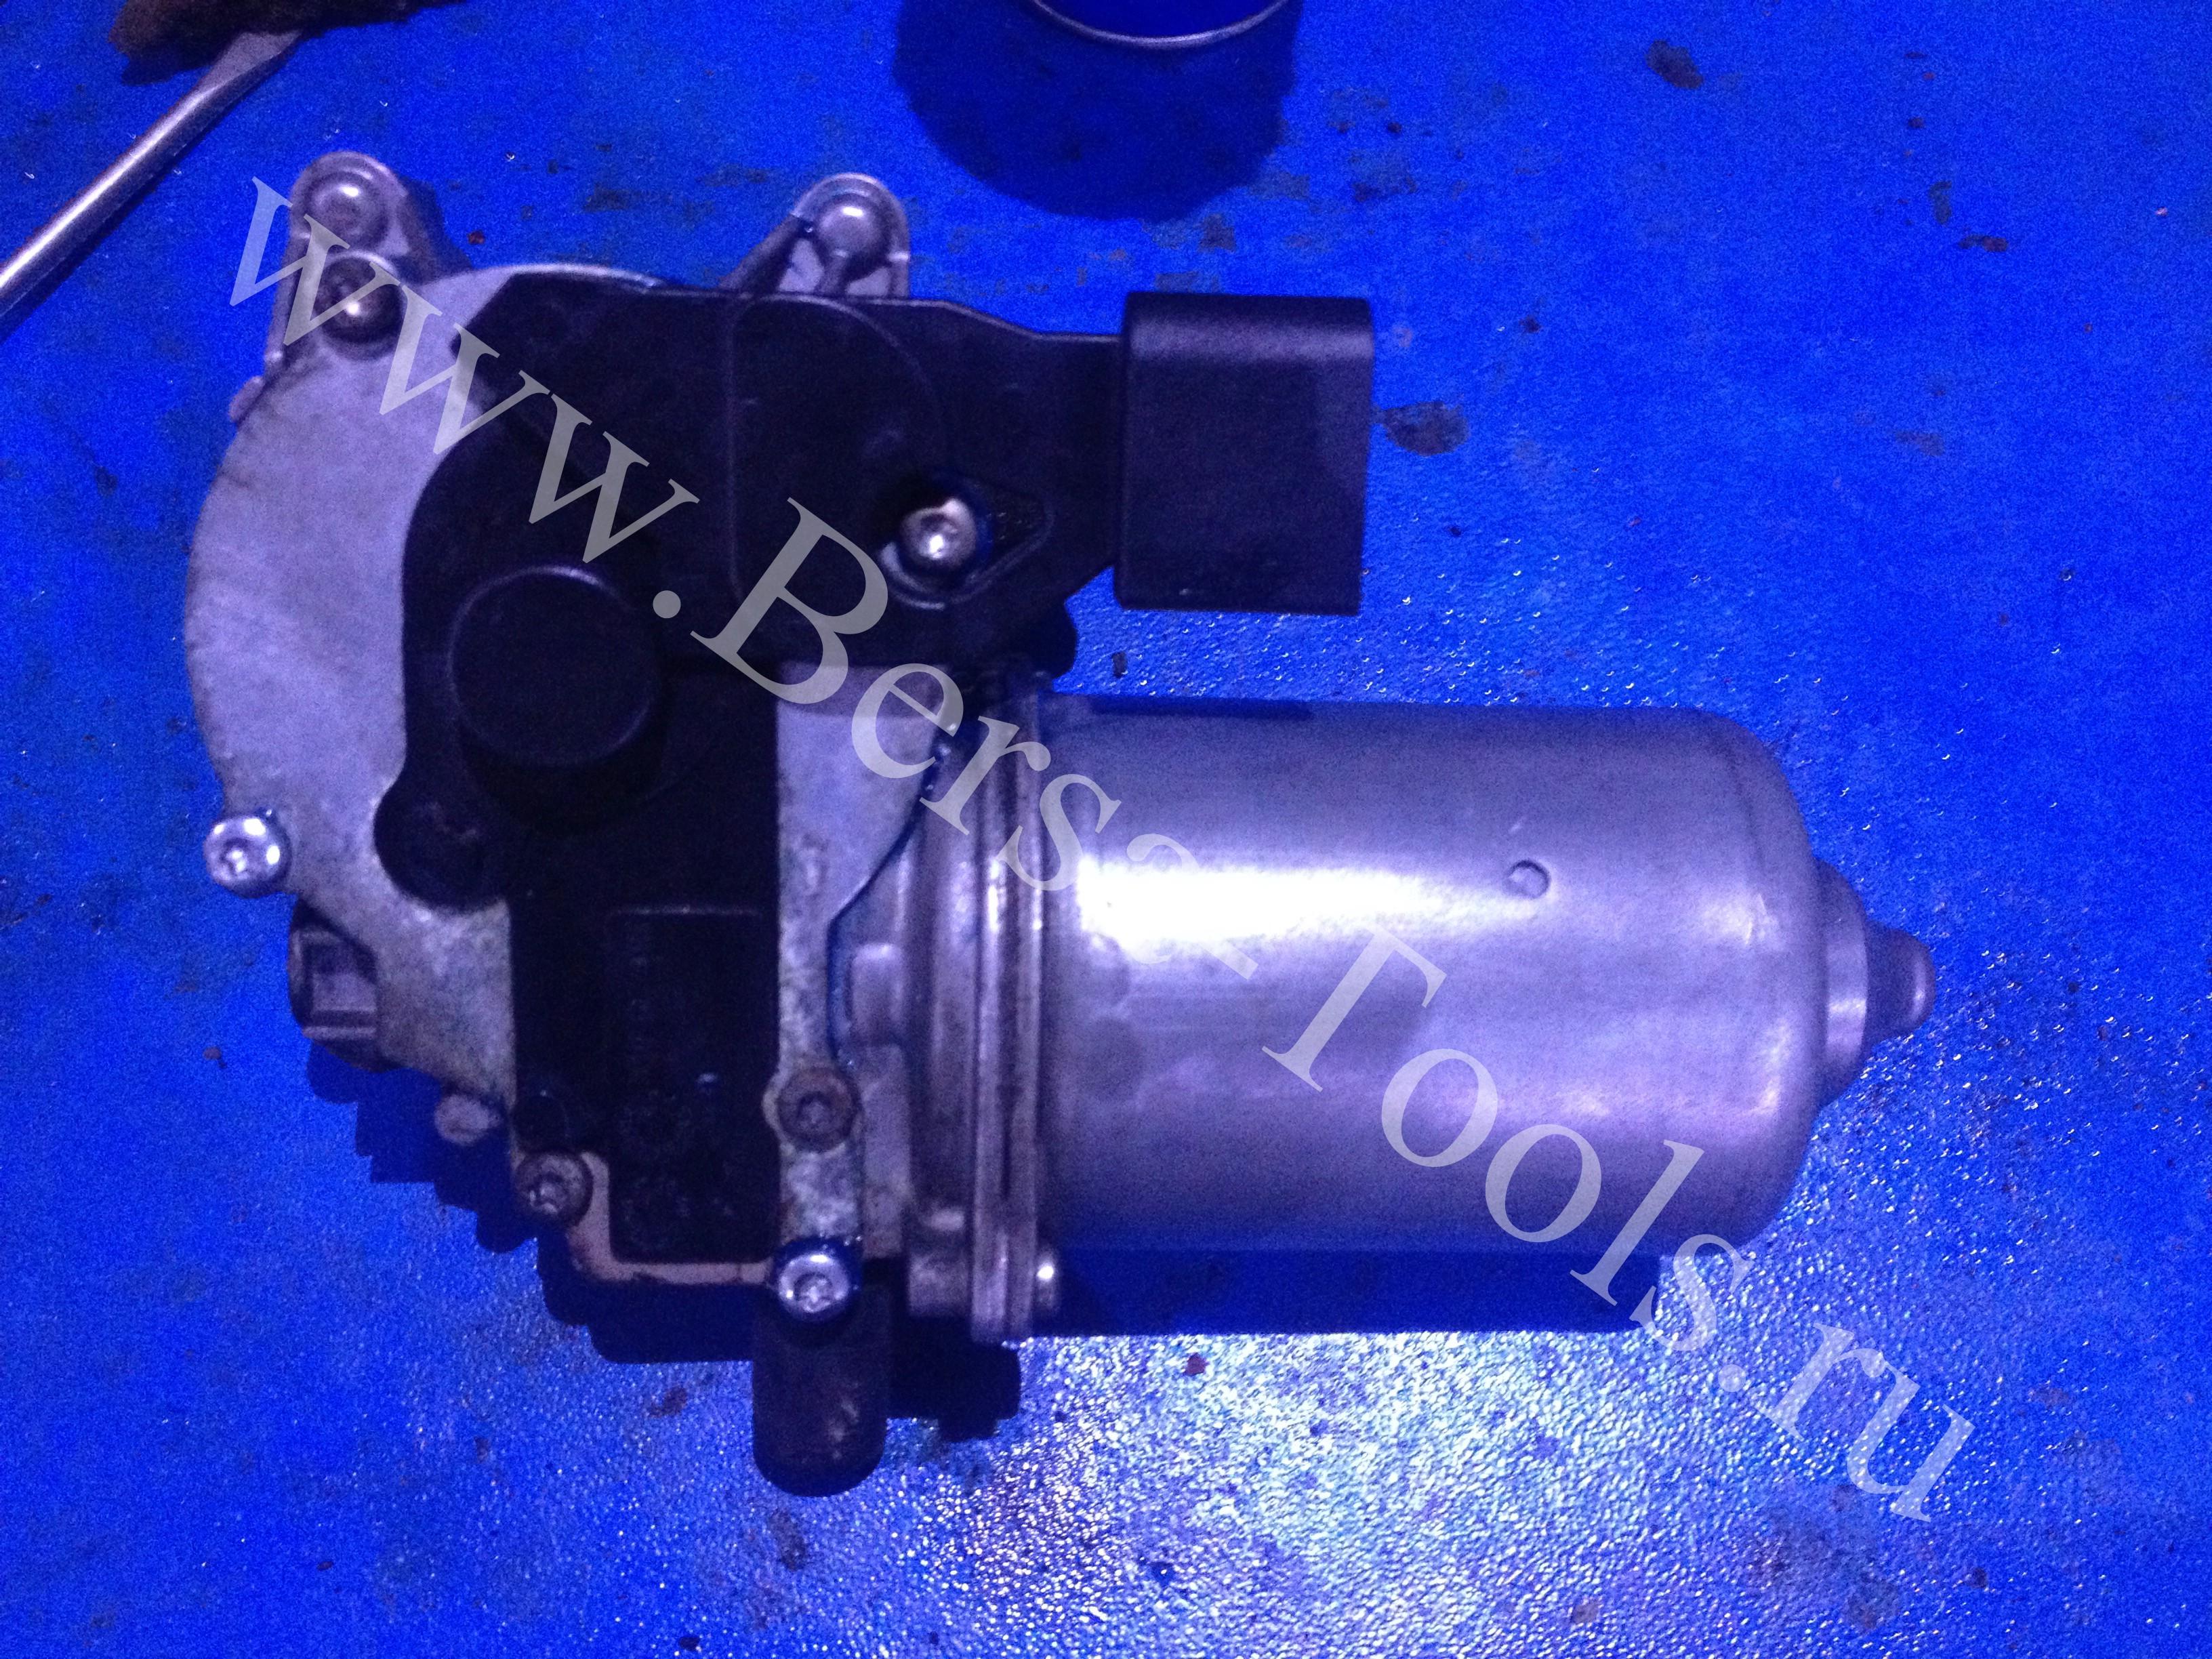 Ремонт моторчик стеклоочистителя бмв х5 е53 Замена натяжителя ремня ГРМ фольксваген пассат б5